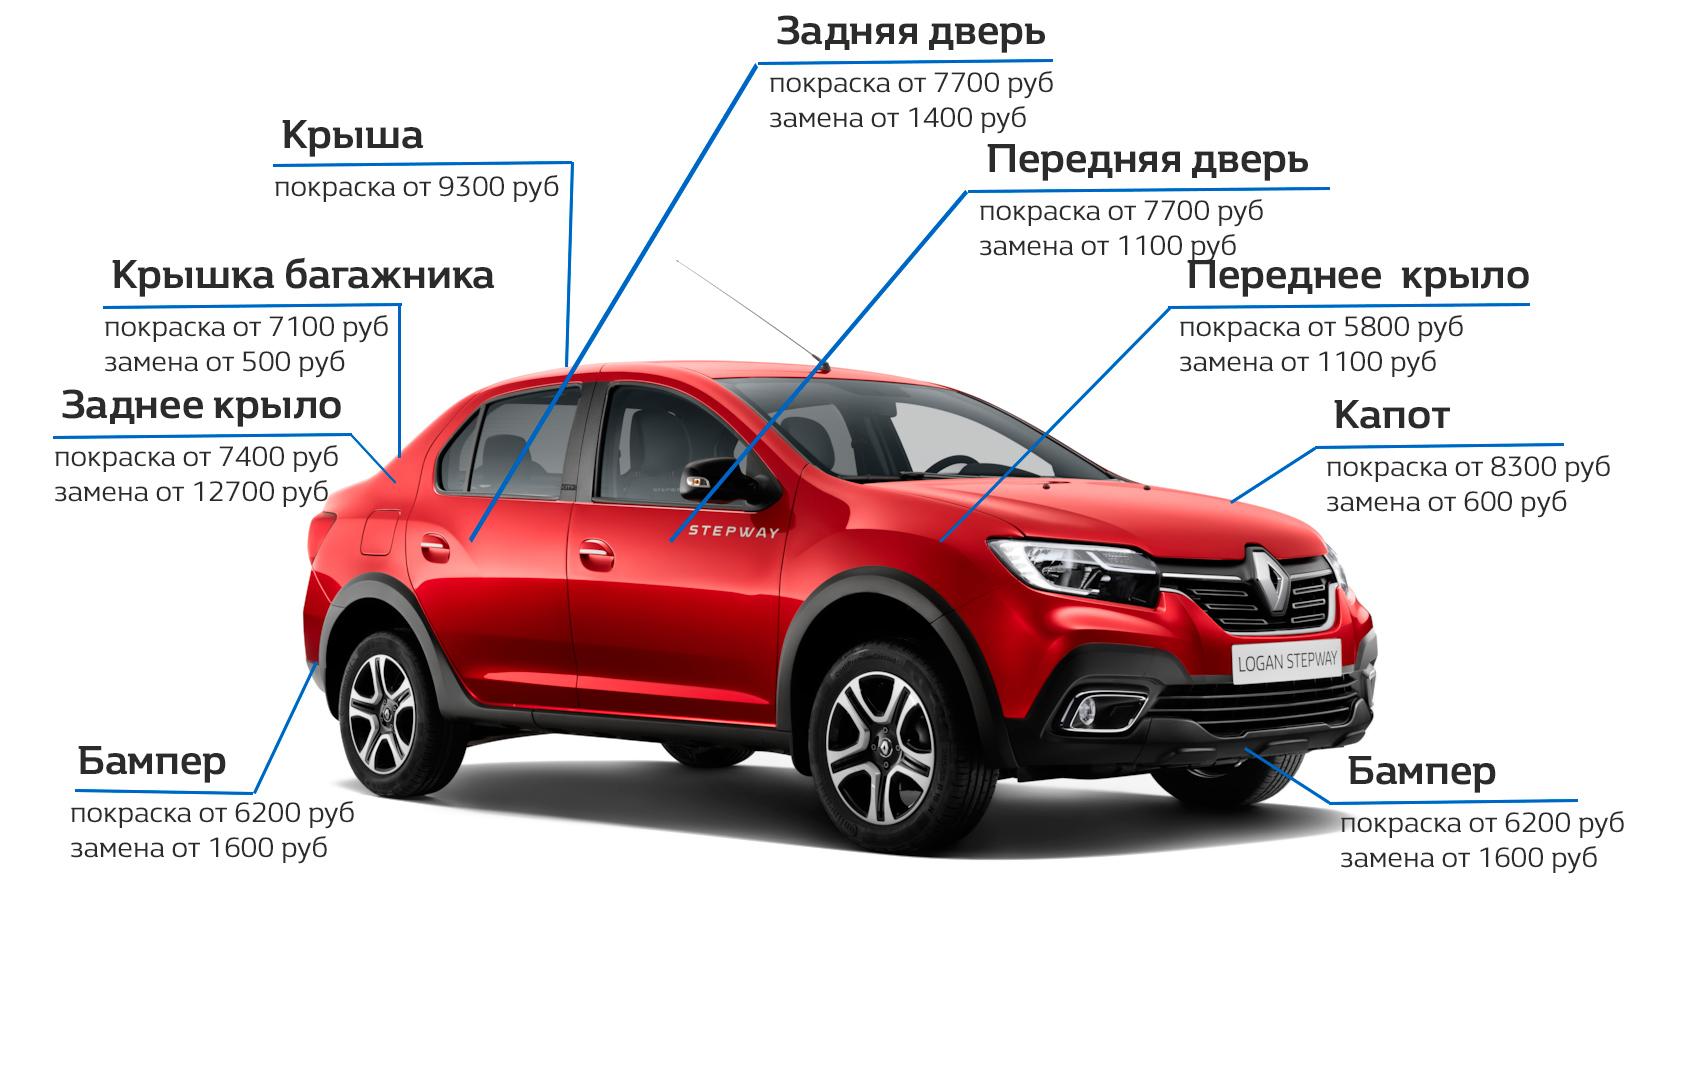 Акция на кузовной ремонт автомобилей Renault